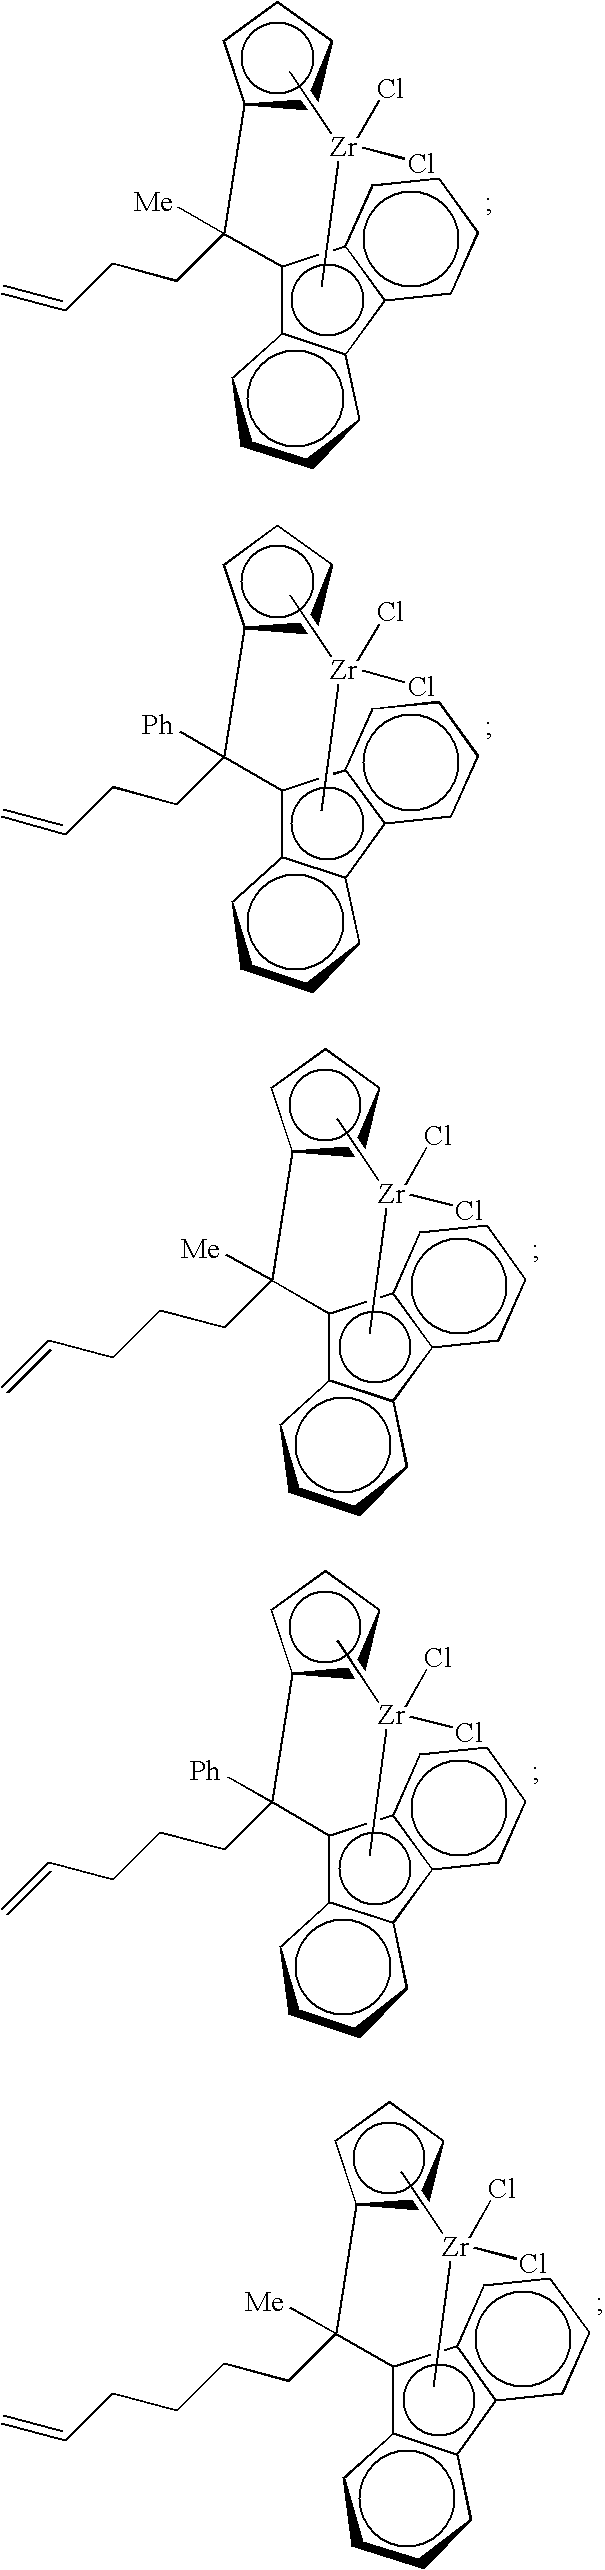 Figure US20050288461A1-20051229-C00009